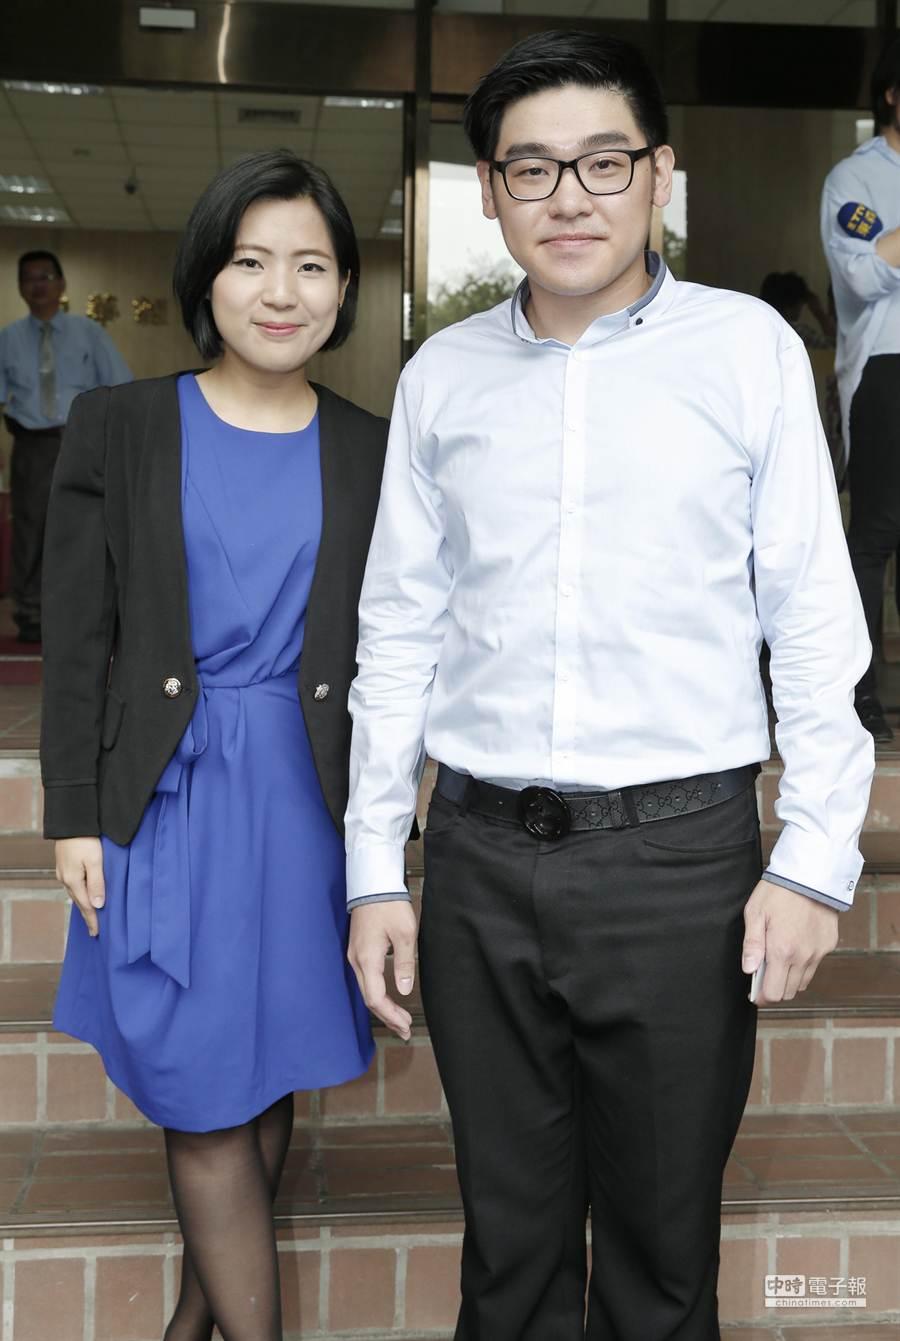 李昶志(右)、徐巧芯(左)將出任洪秀柱辦公室發言人。(姚志平攝)